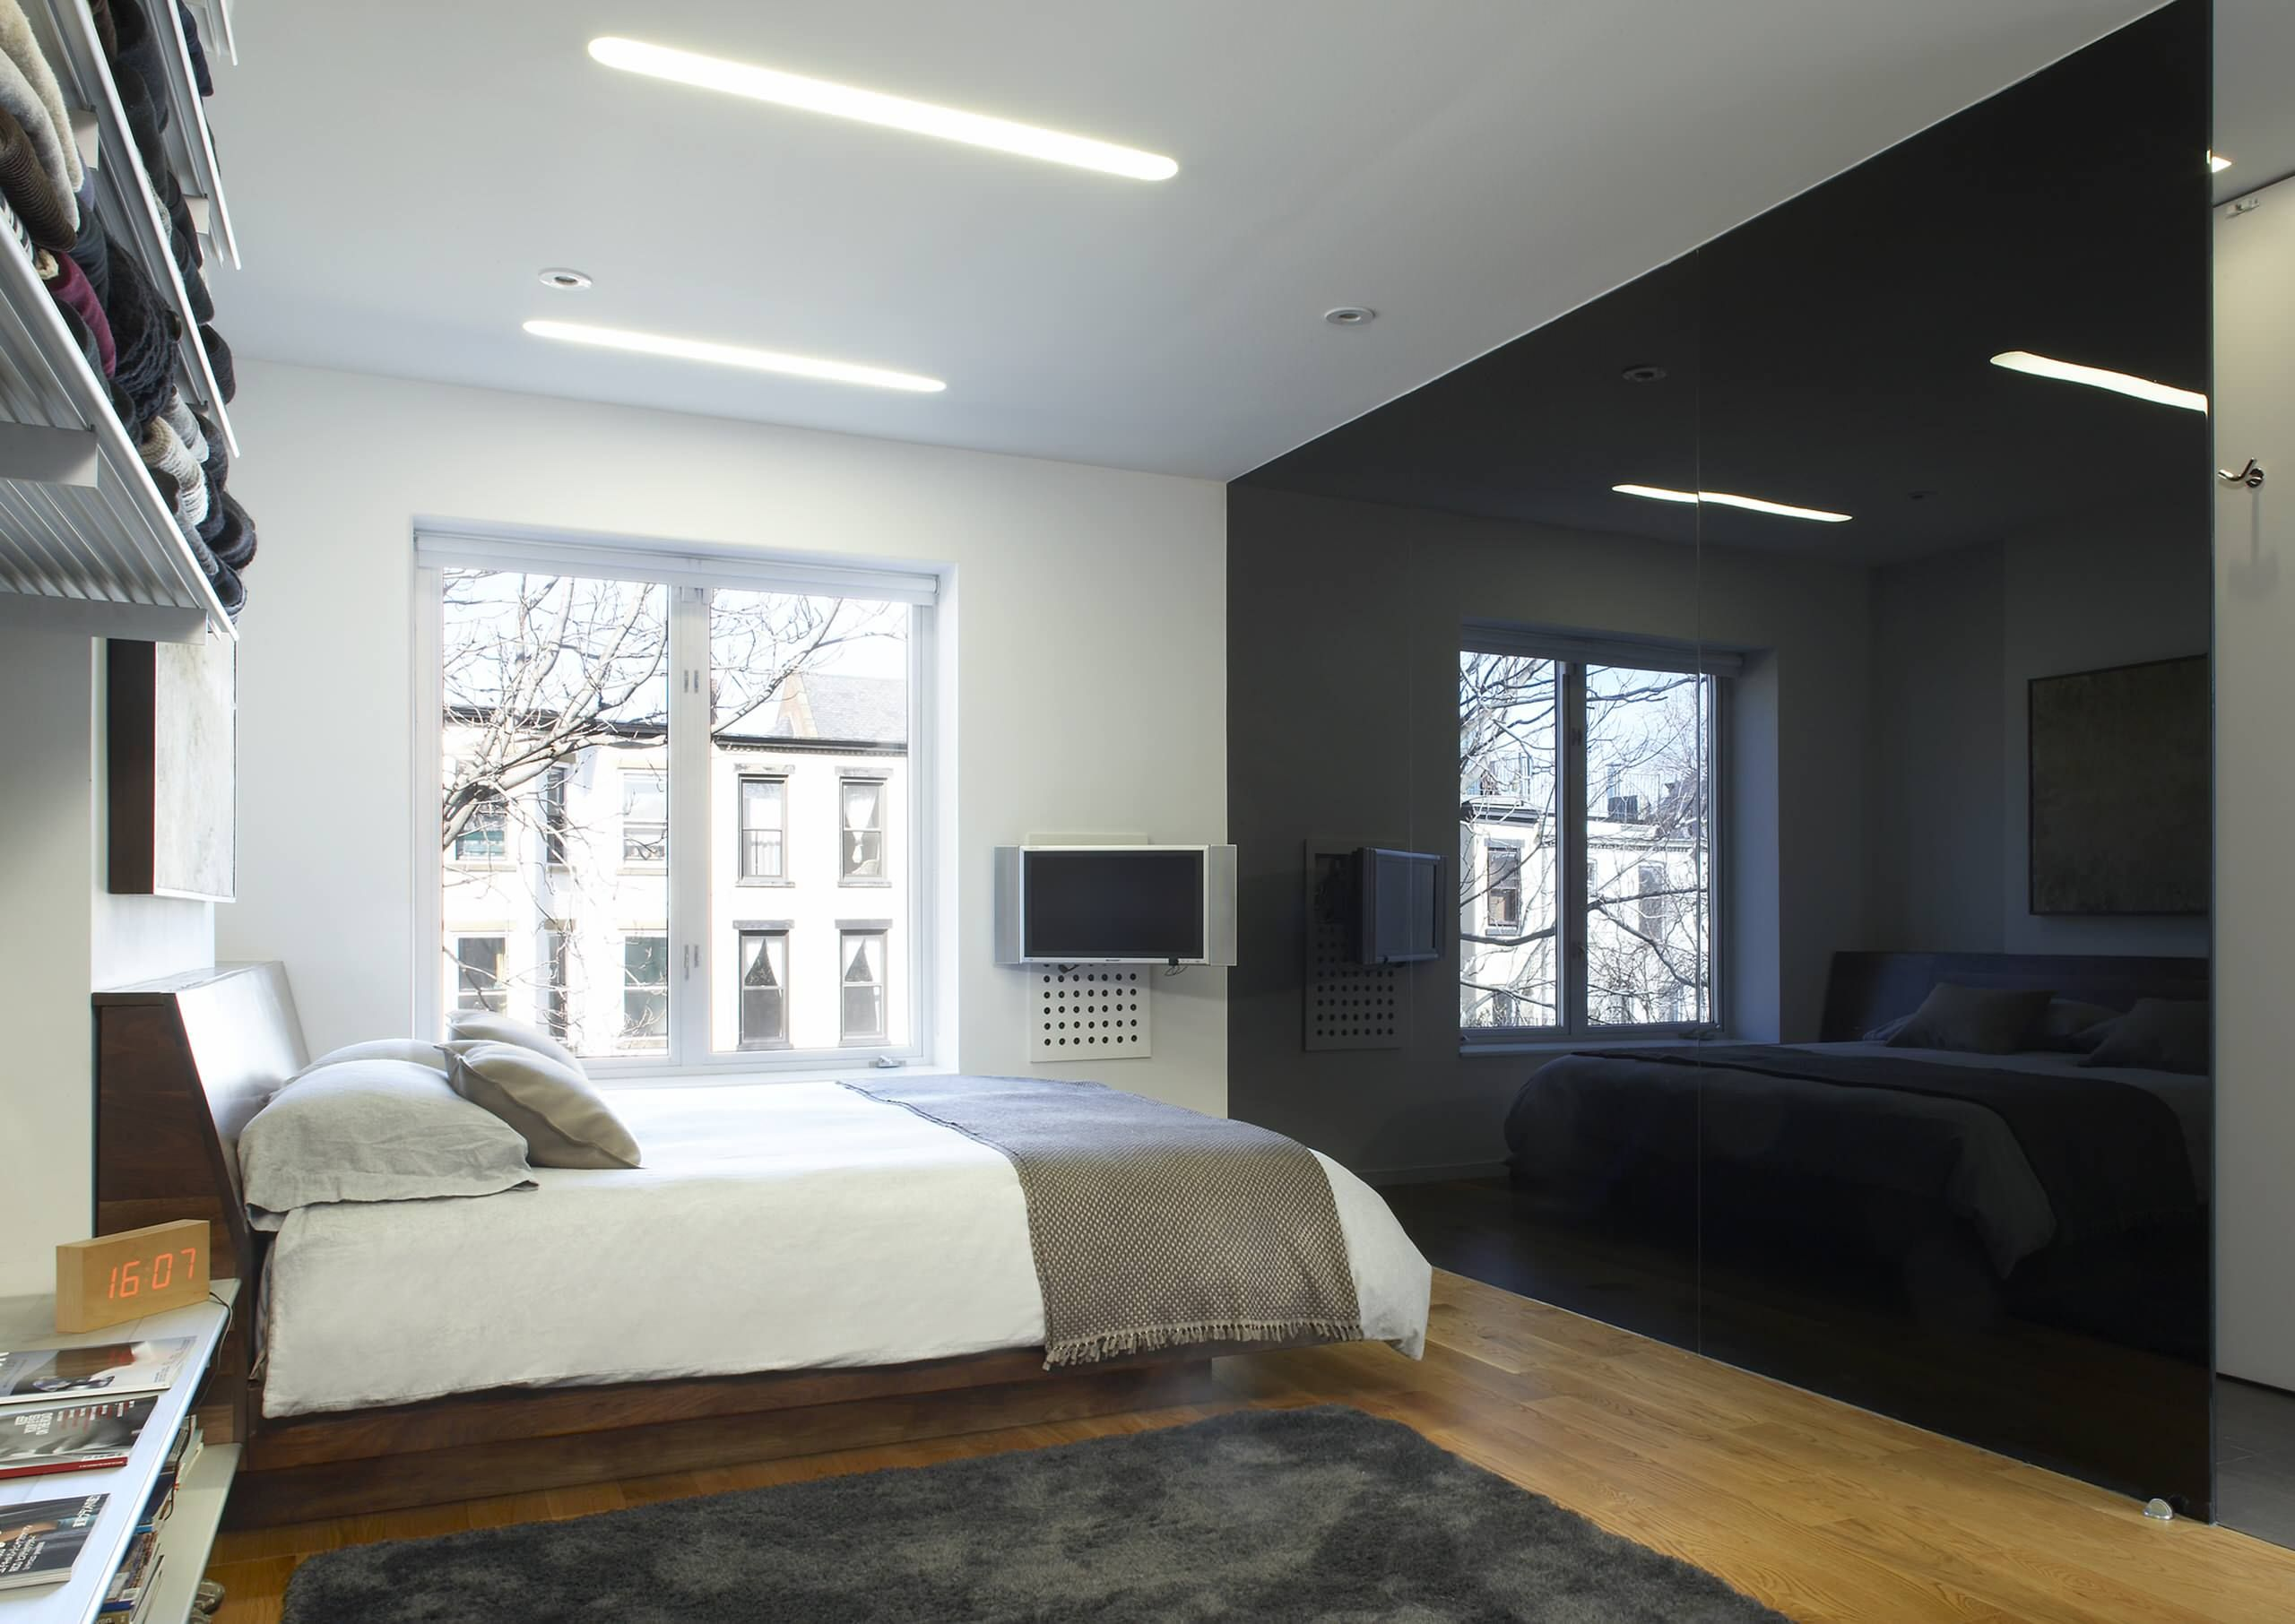 Благодаря глянцевой поверхности стекла, перегородка черного цвета выглядит свежо и нарядно